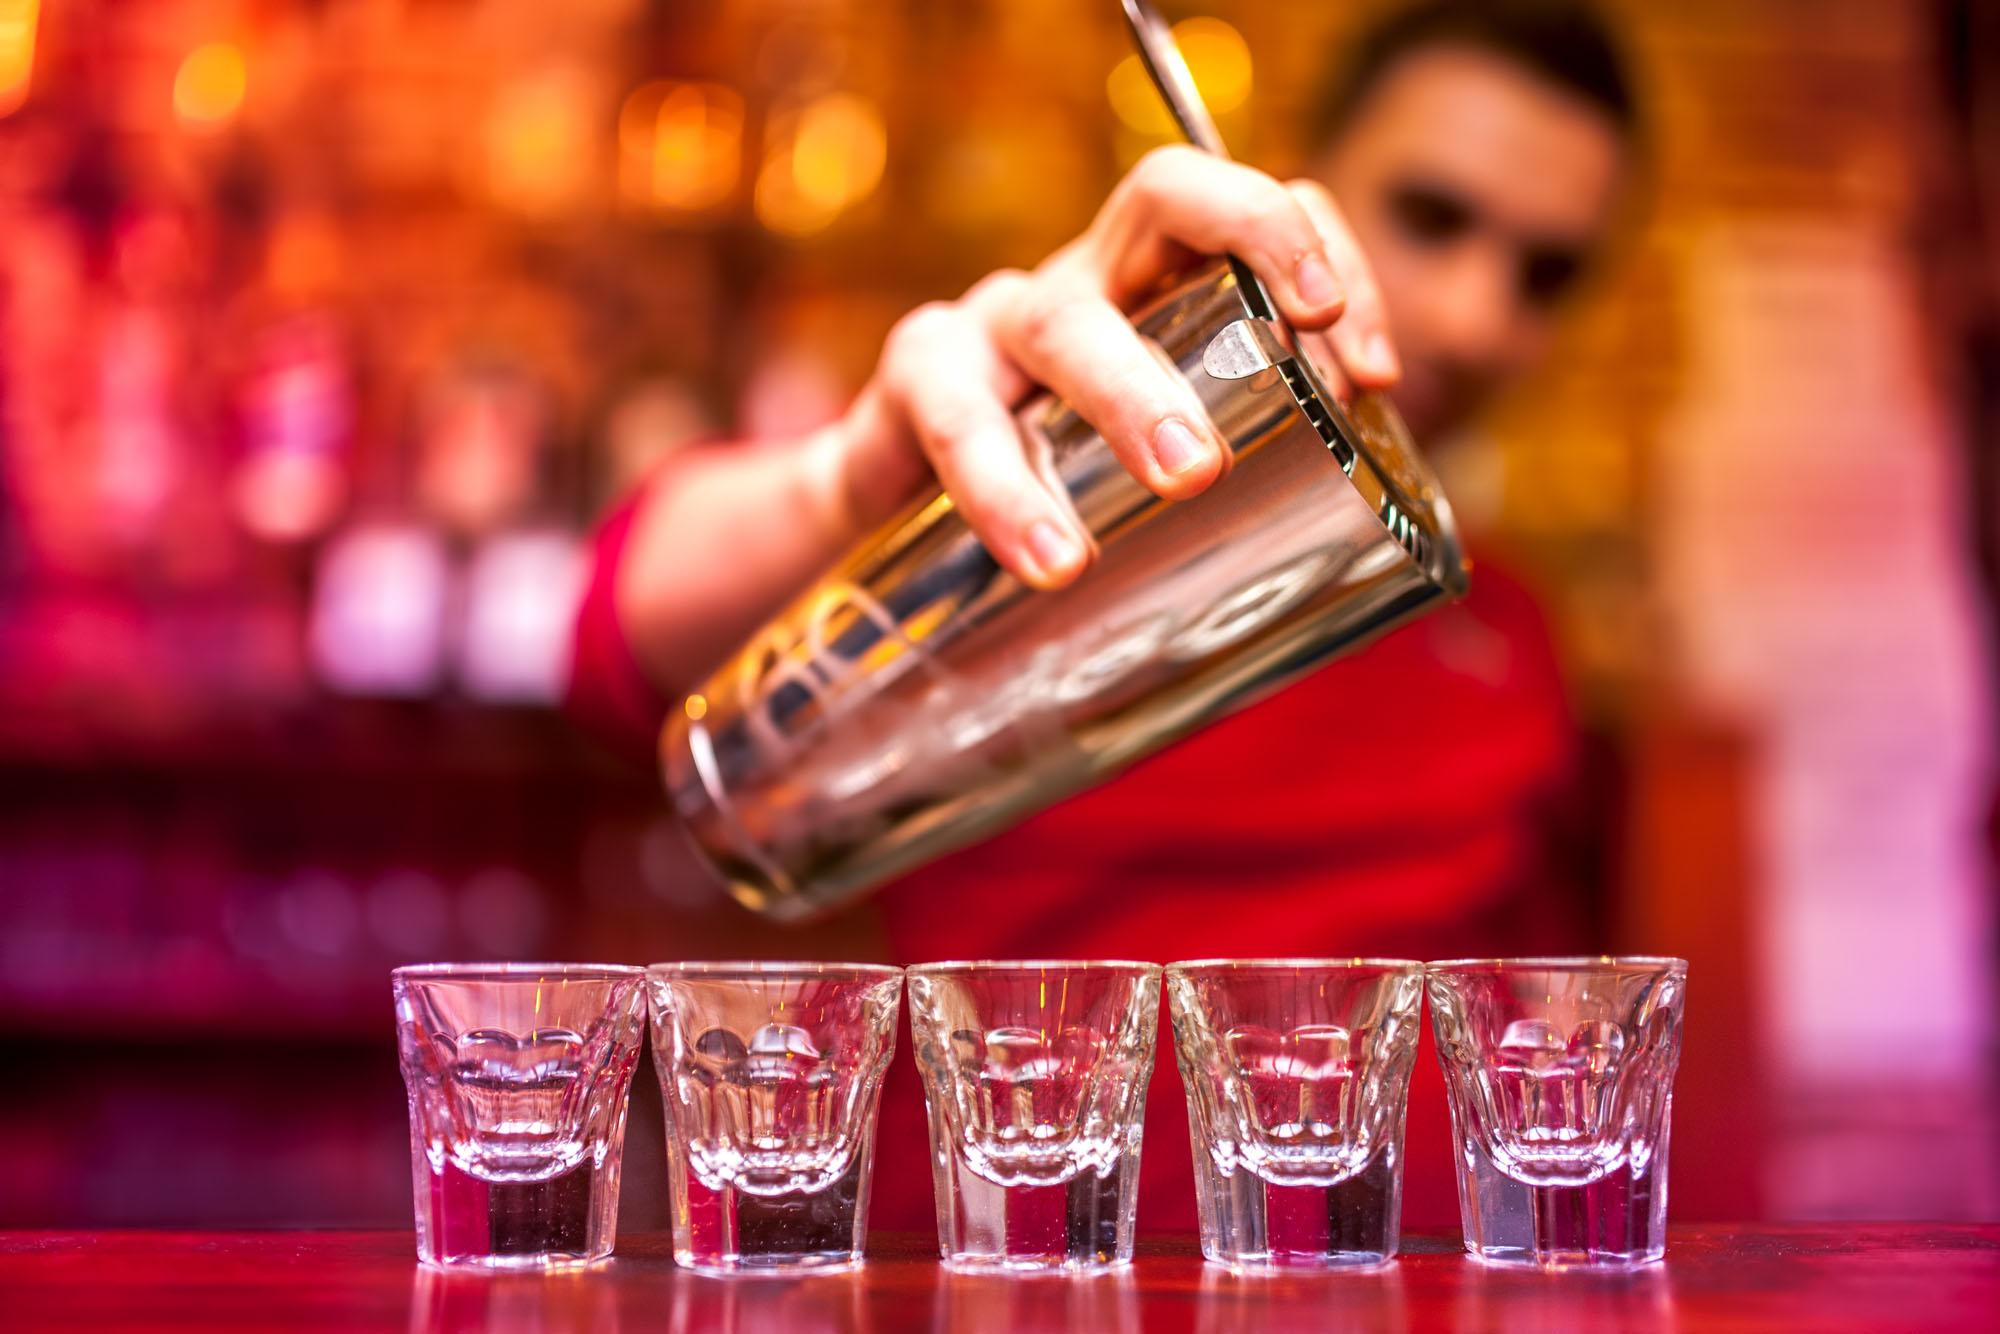 Zajímavá zkušenost s barmanem